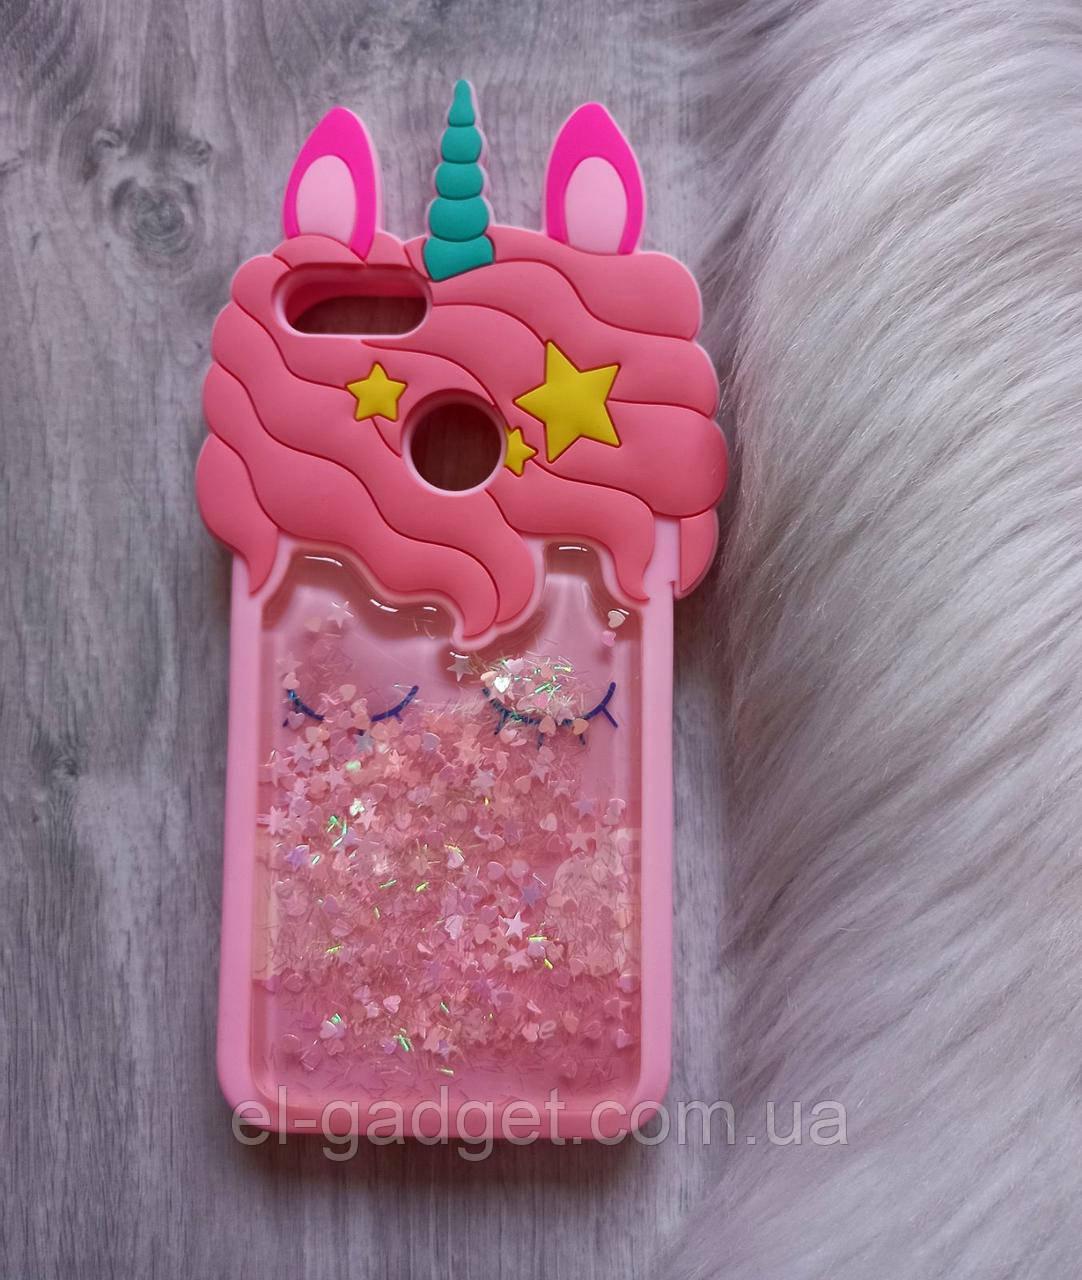 Чехол для Xiaomi Mi 5Х Единорог розовый с блестками